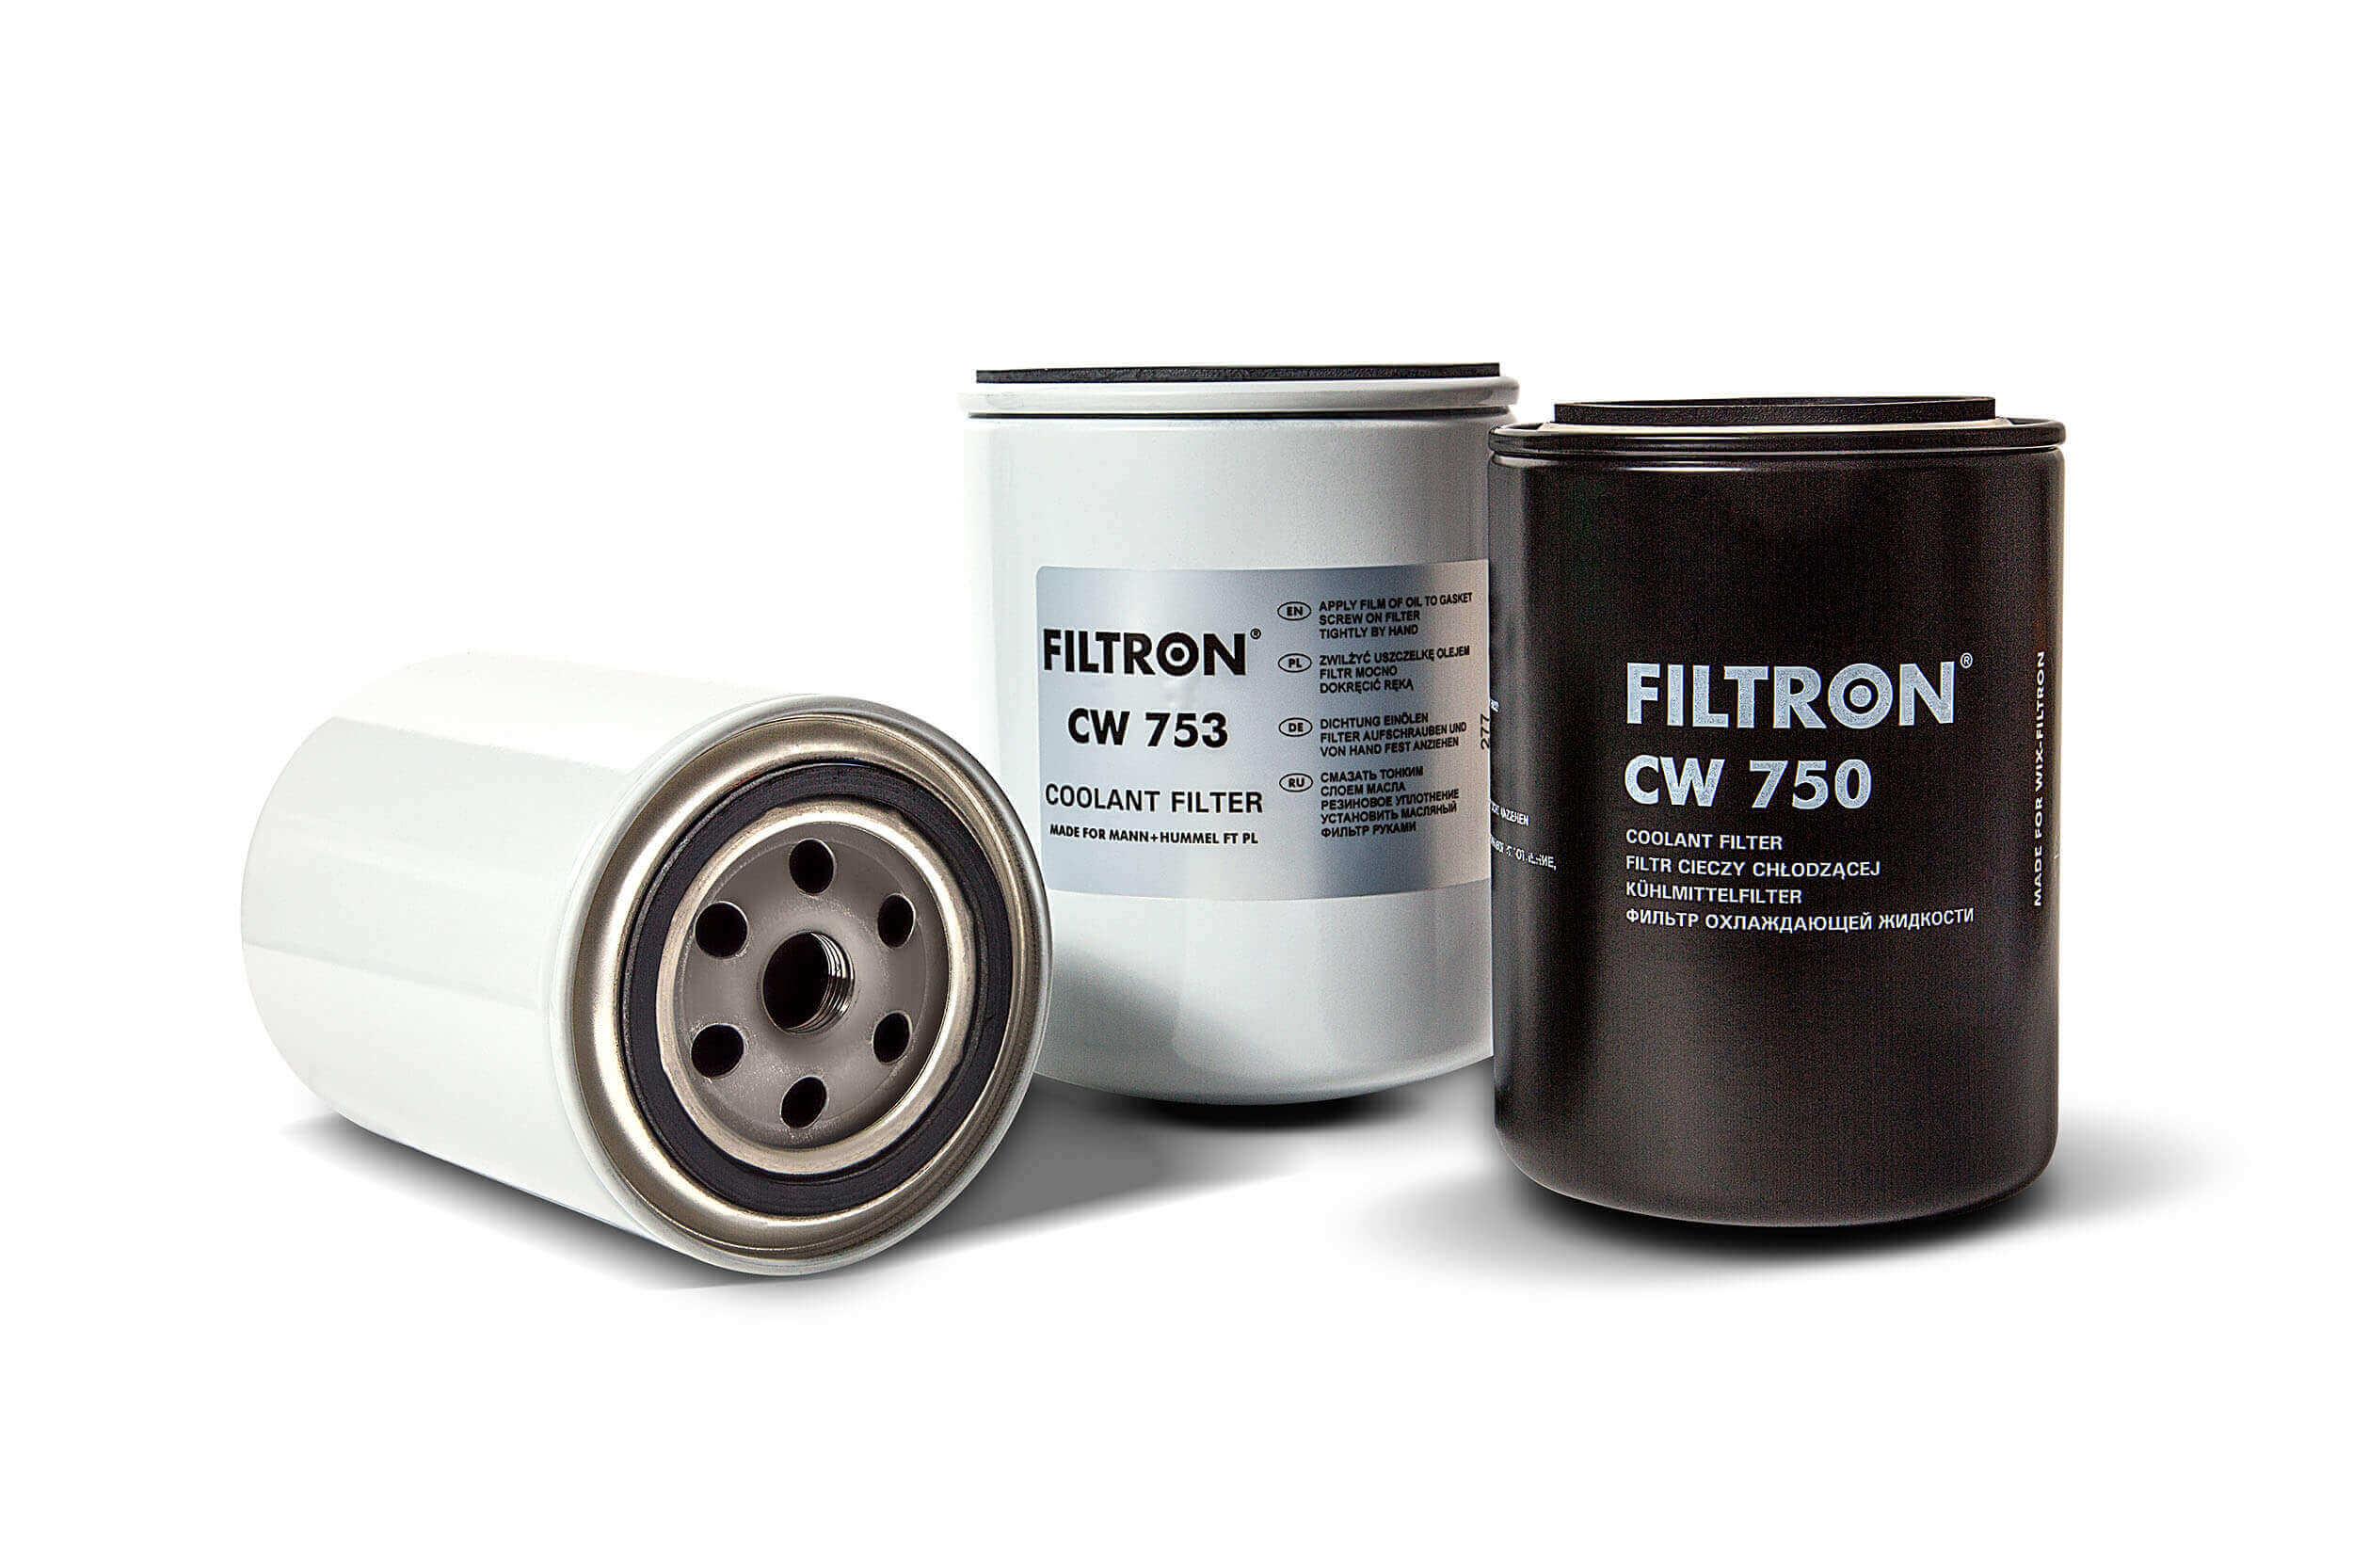 Filtron - filtr chladících kapalin